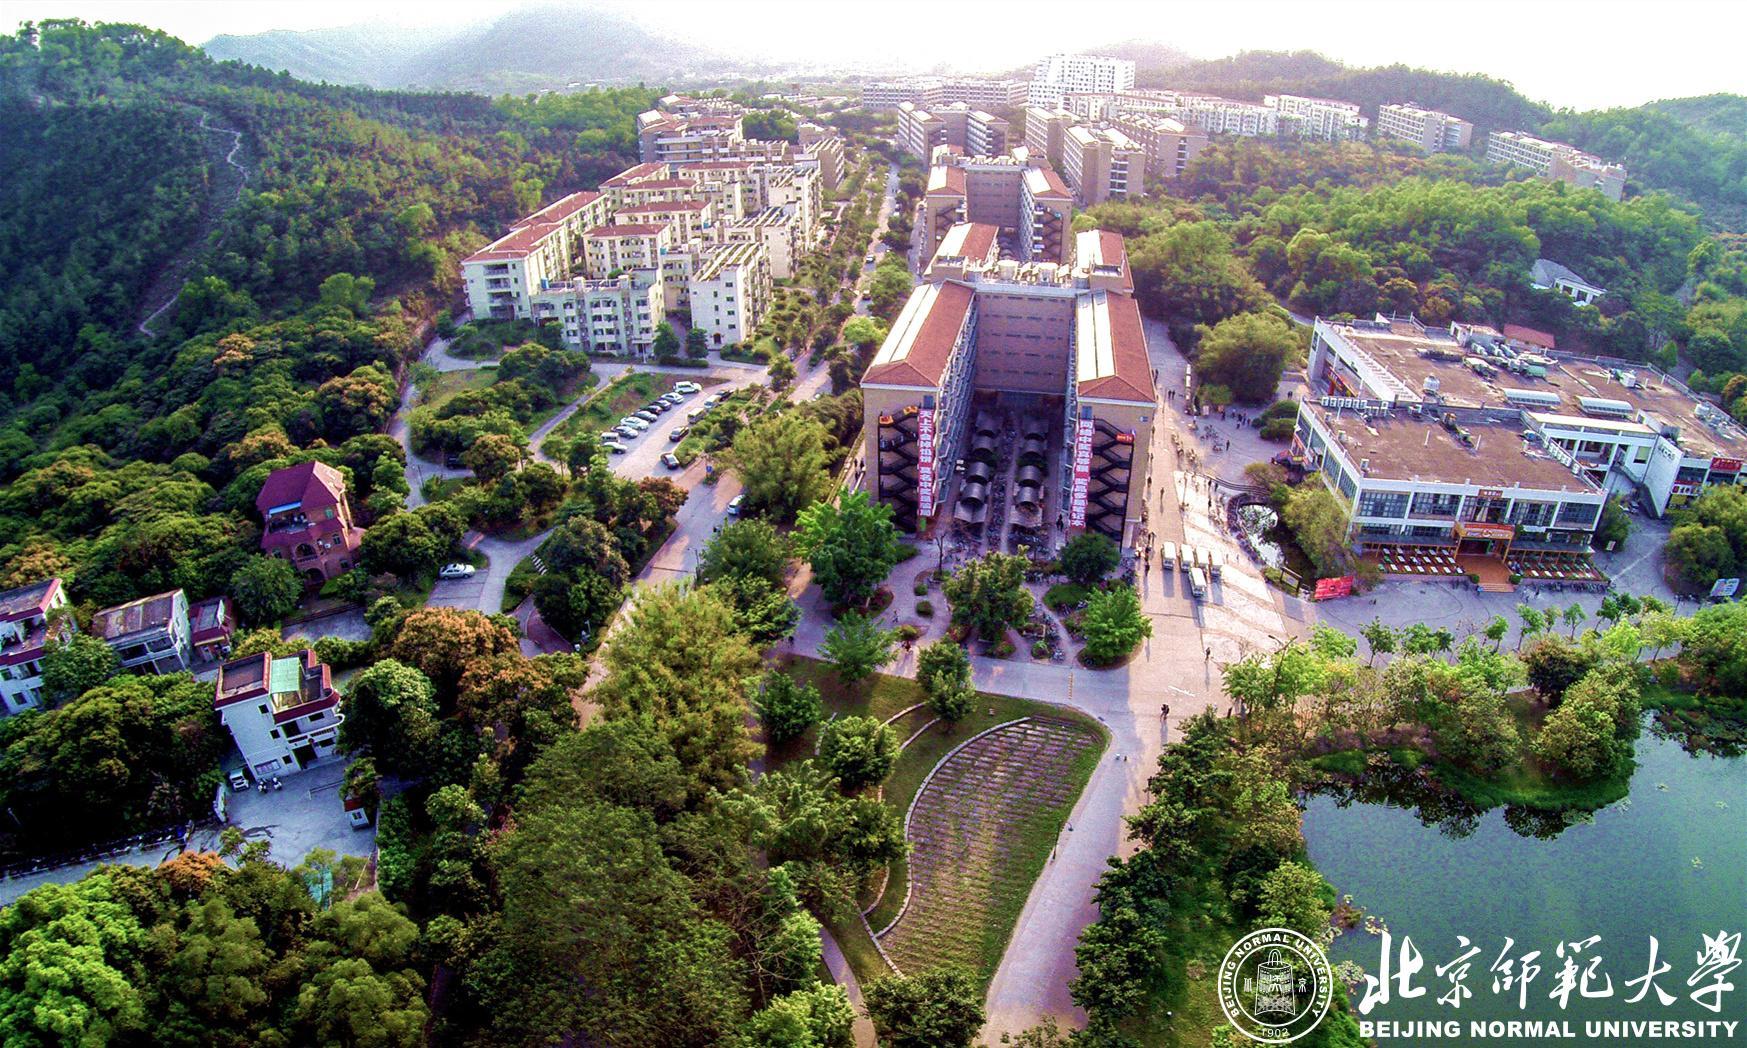 北京师范大学珠海校区正式获批,北京师范大学珠海校区怎么样地址在哪